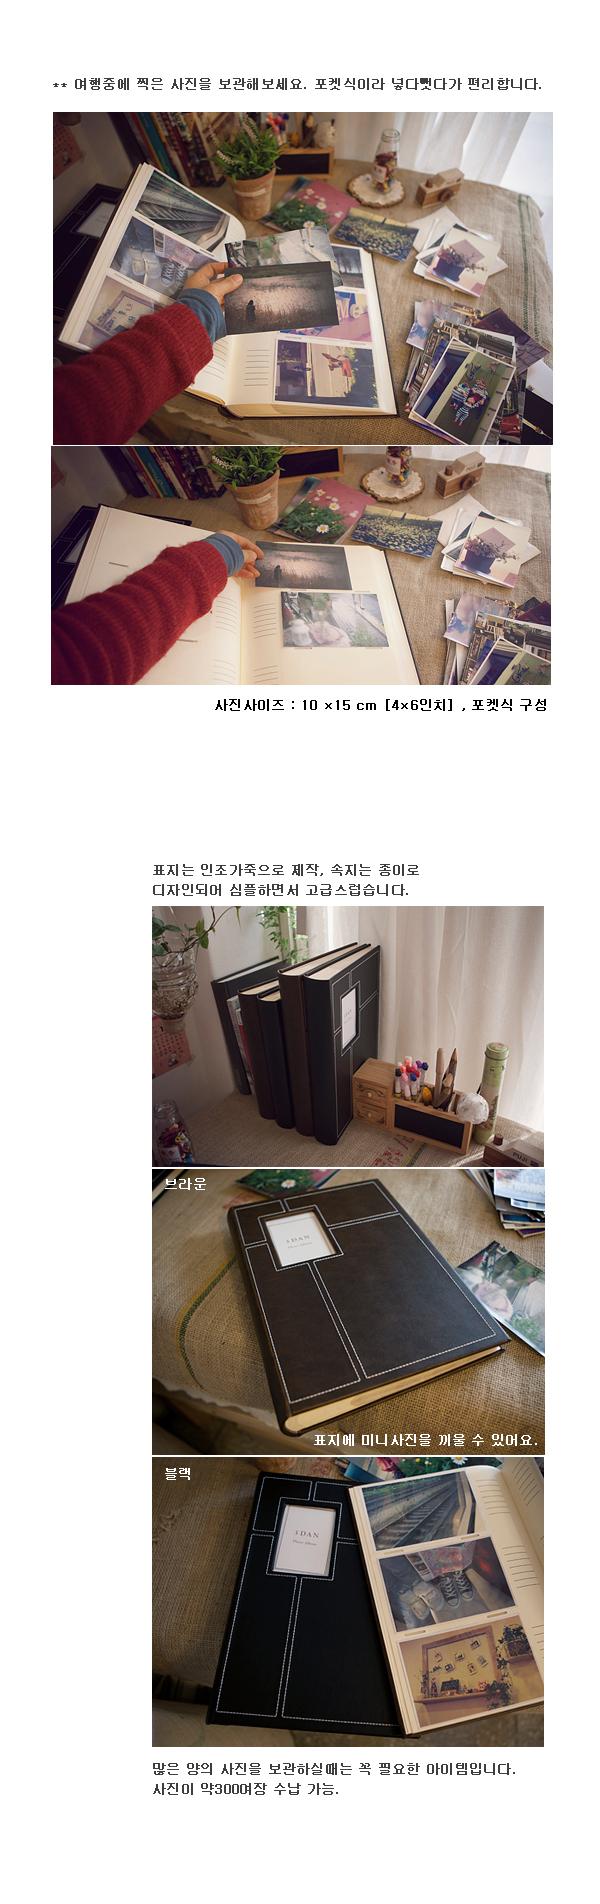 포켓식 가죽앨범 4x6-3단 (49매-290여장 수납) - 쪼매니s 놀이터, 18,000원, 포켓앨범, 심플